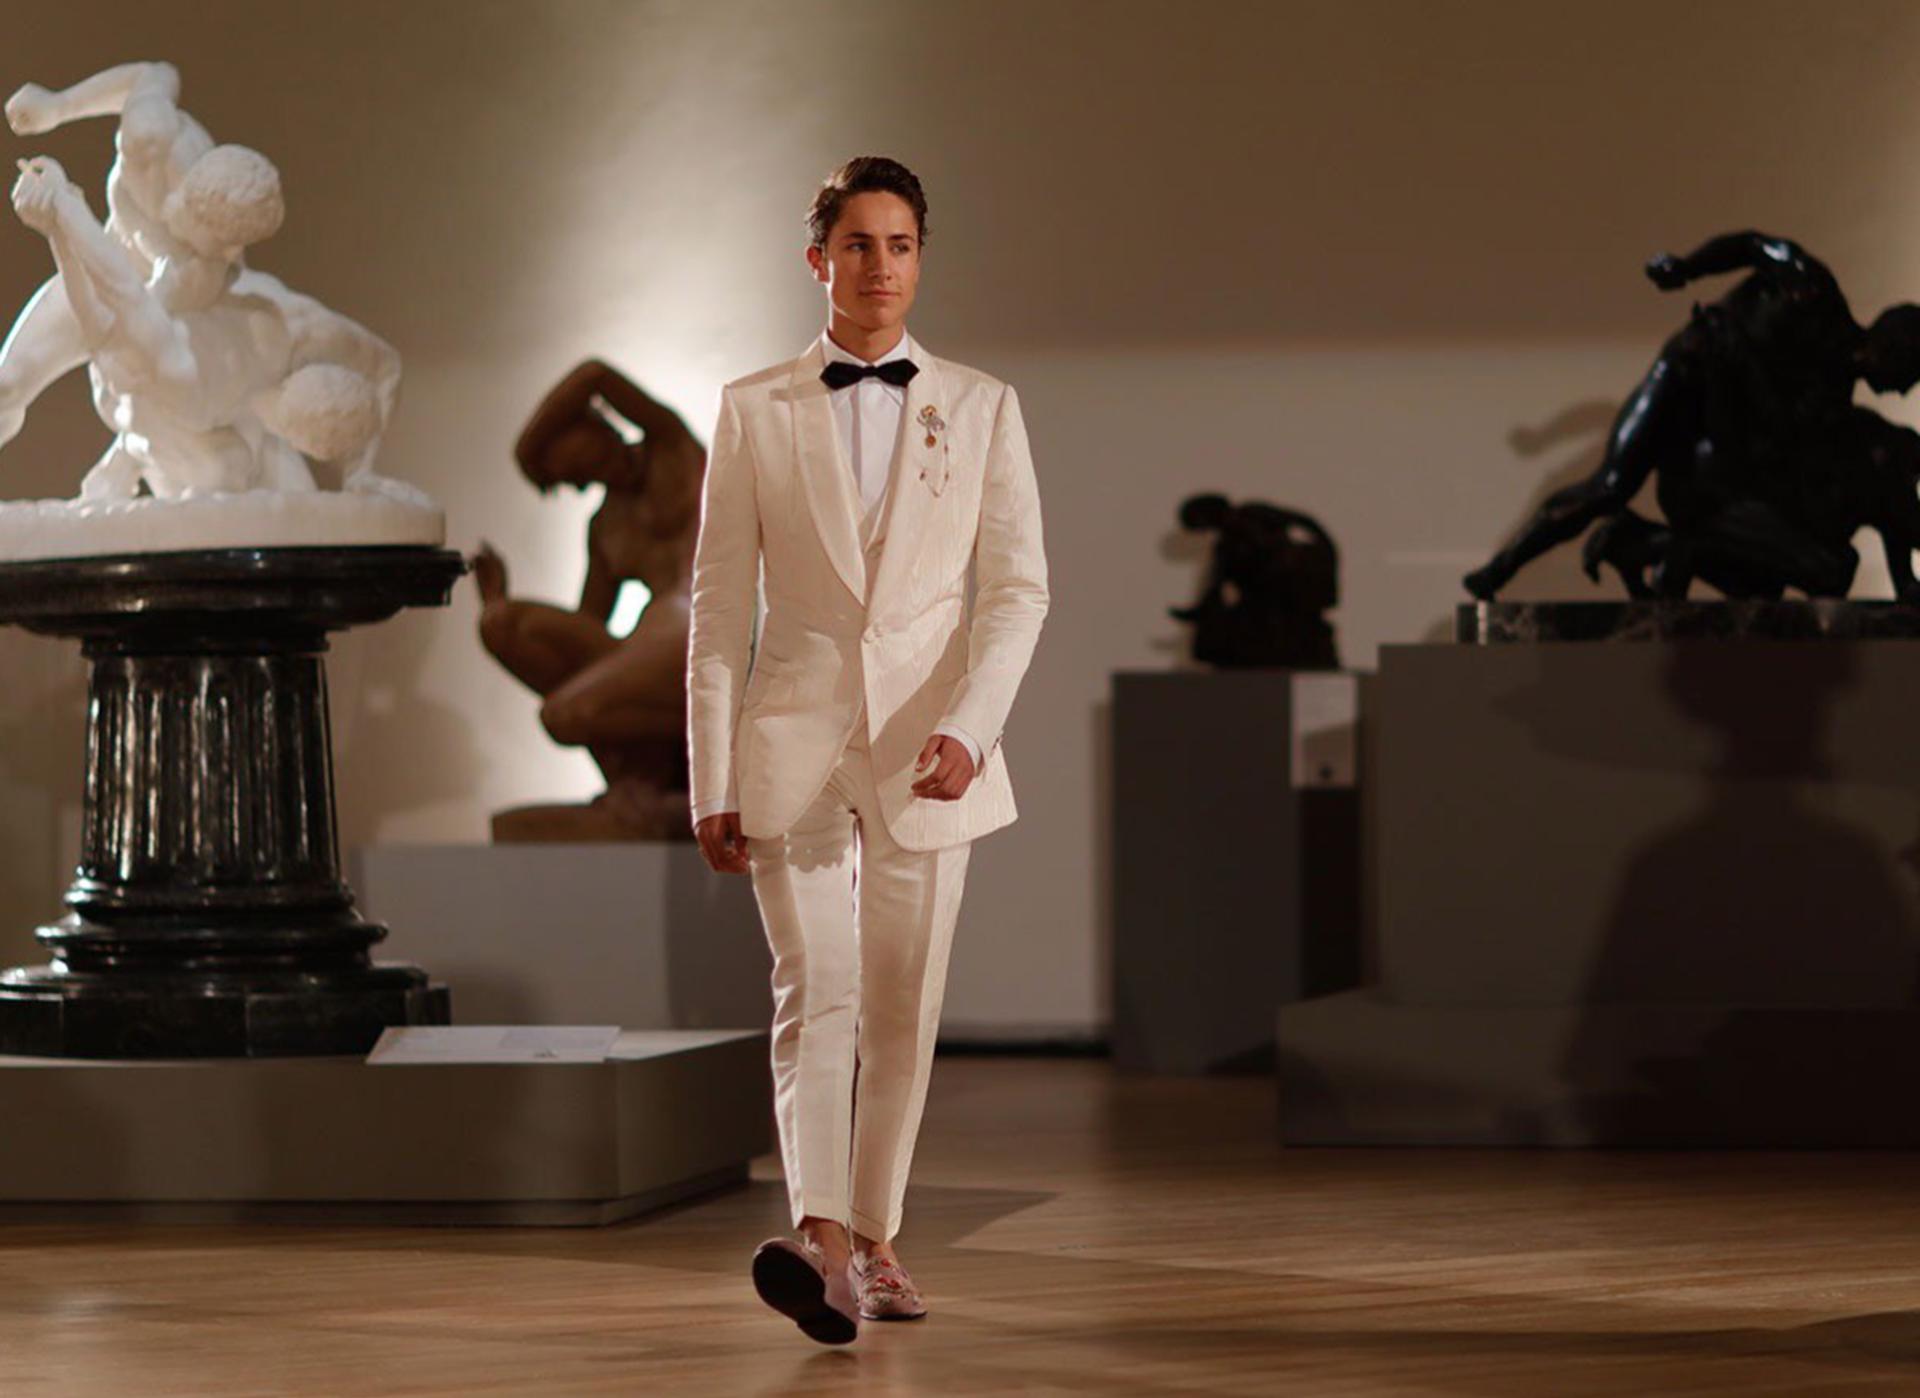 Mira las fotos del desfile de Dolce & Gabbana en CDMX #DGLovesMexico